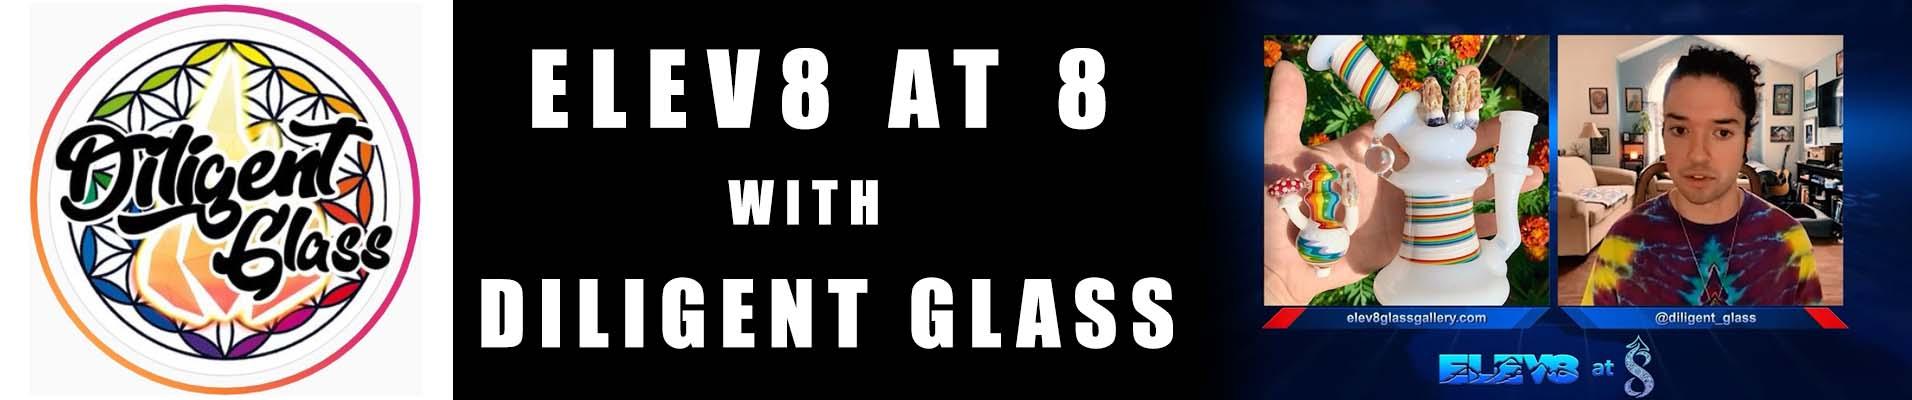 diligent-glass-elev8-at-8-banner.jpg